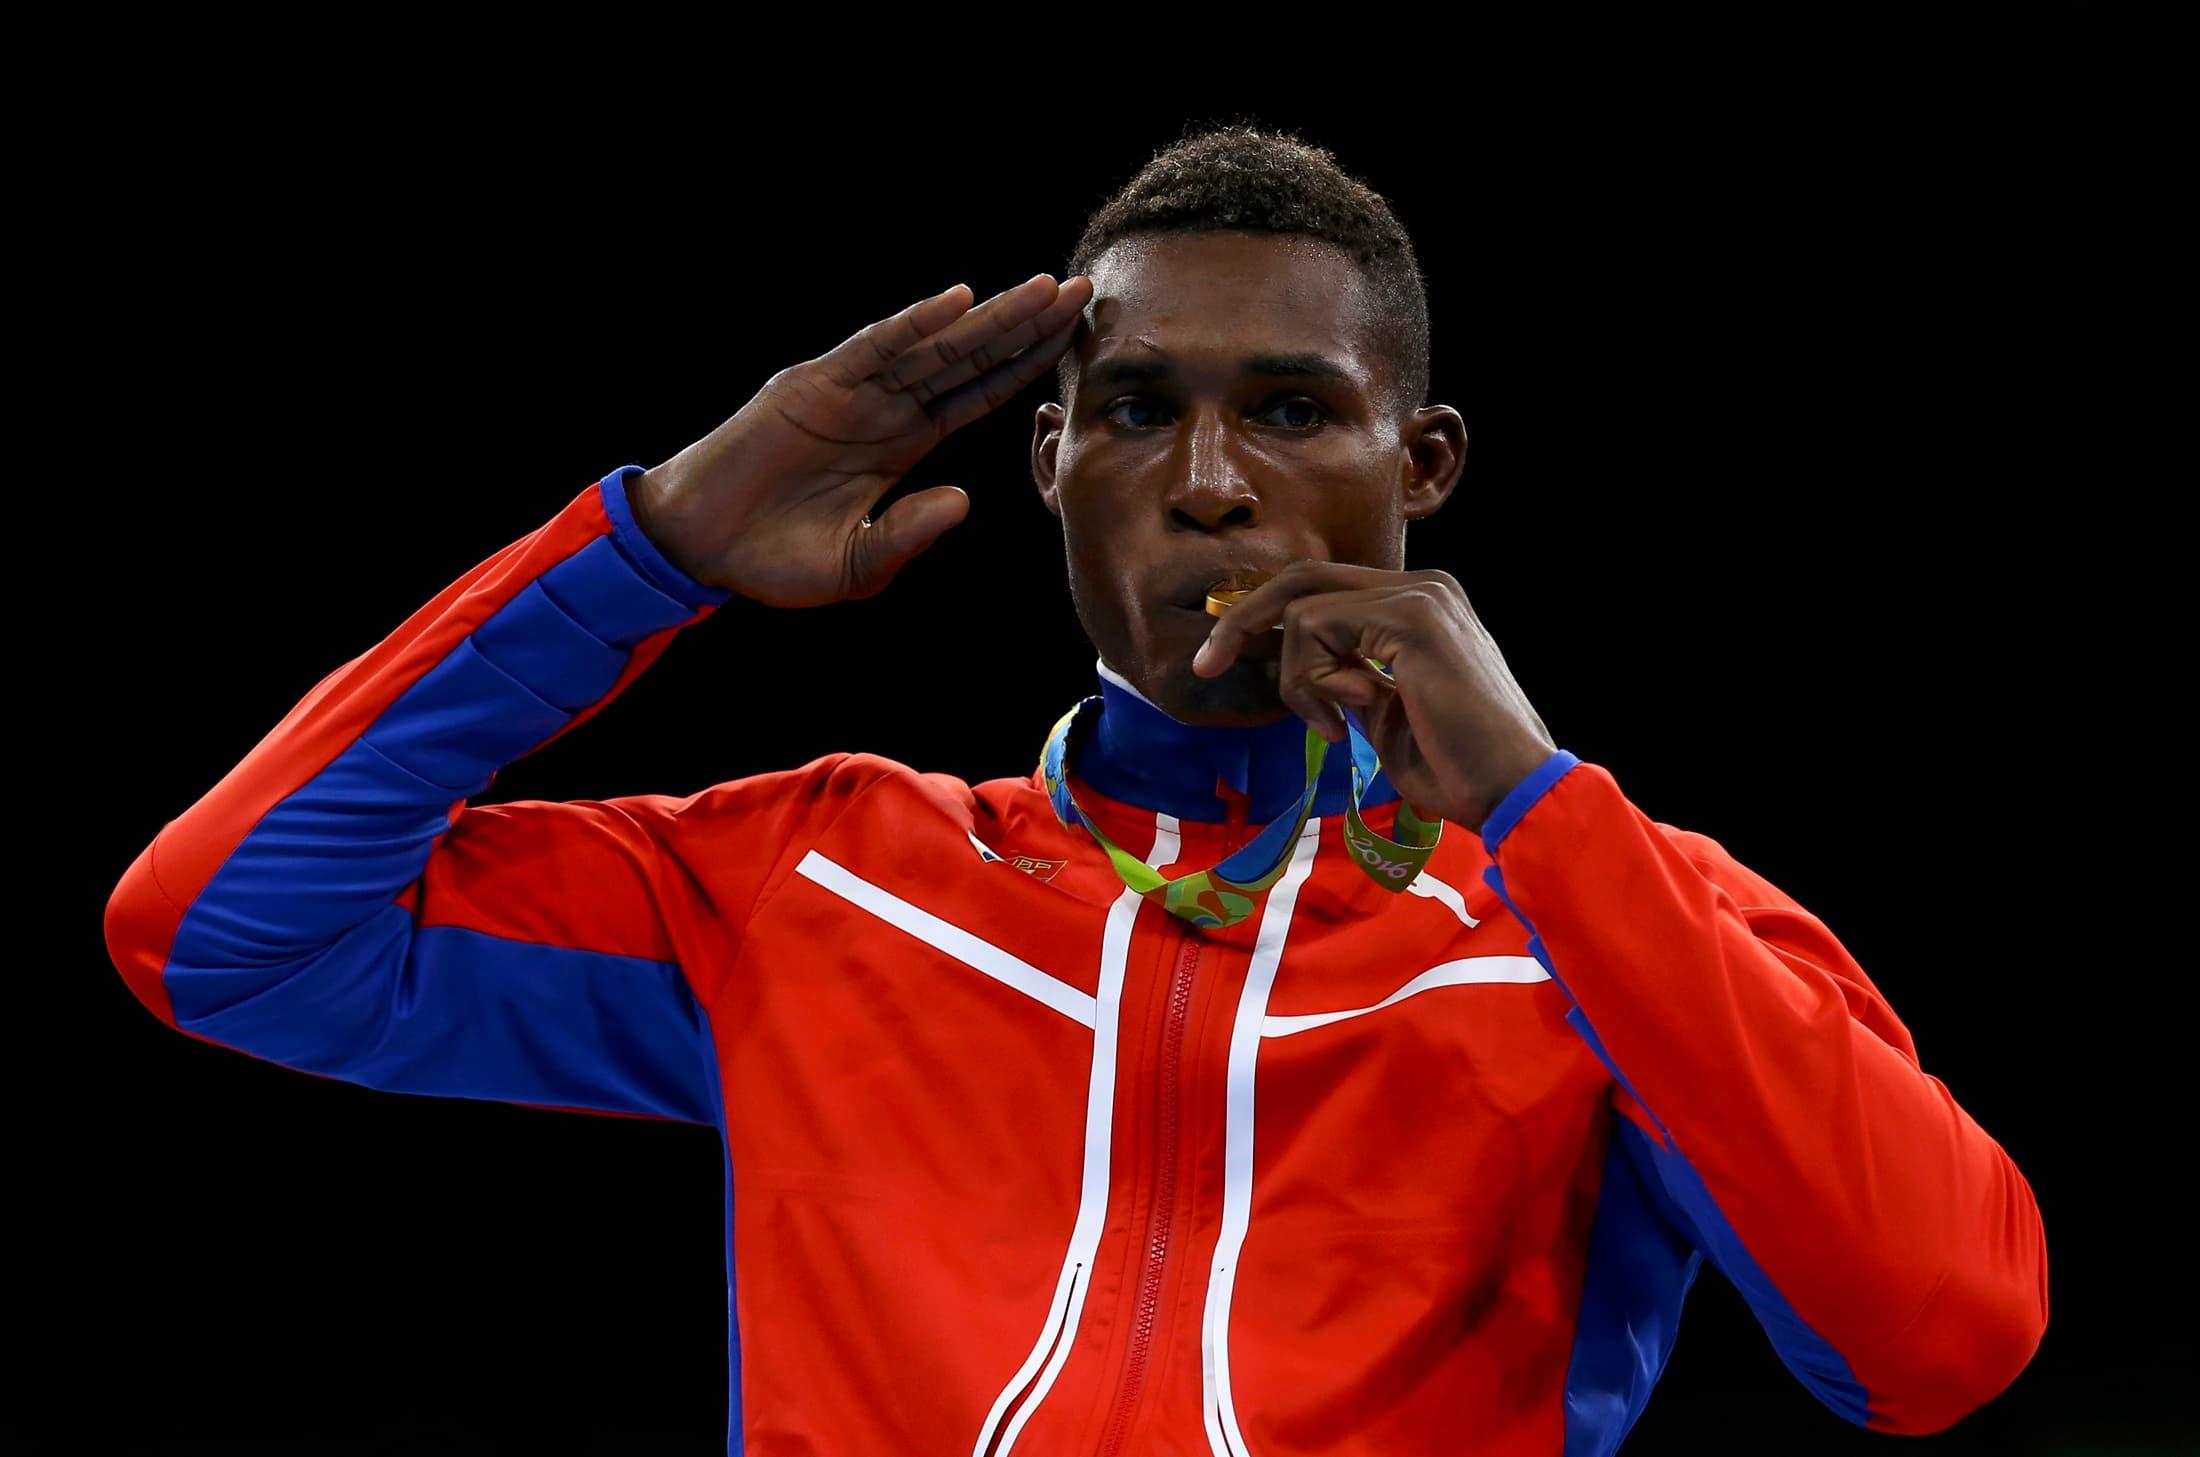 Rio 2016 Olympics, Rio 2016 Olympics news, Rio 2016 Olympics updates, Rio 2016 Olympics schedules, Julio Cesar La Cruz, Julio Cesar La Cruz Cuba, sports news, sports